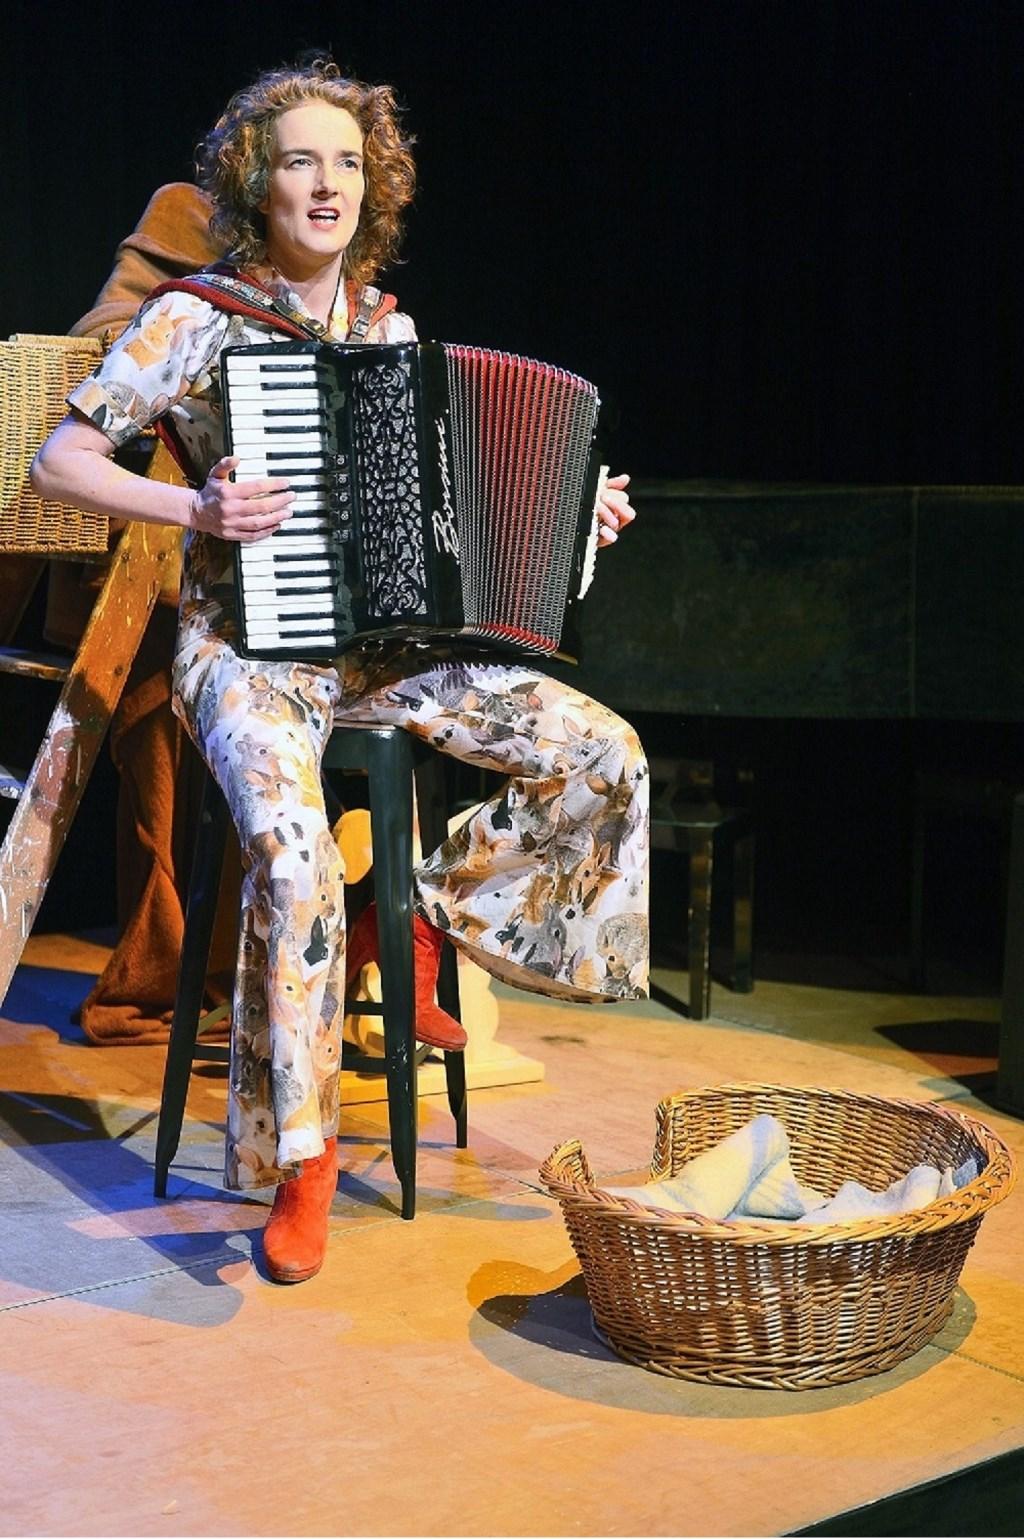 Cabaretvoorstelling 16 maart 2019 Foto: Jochem Jurgens © Persgroep